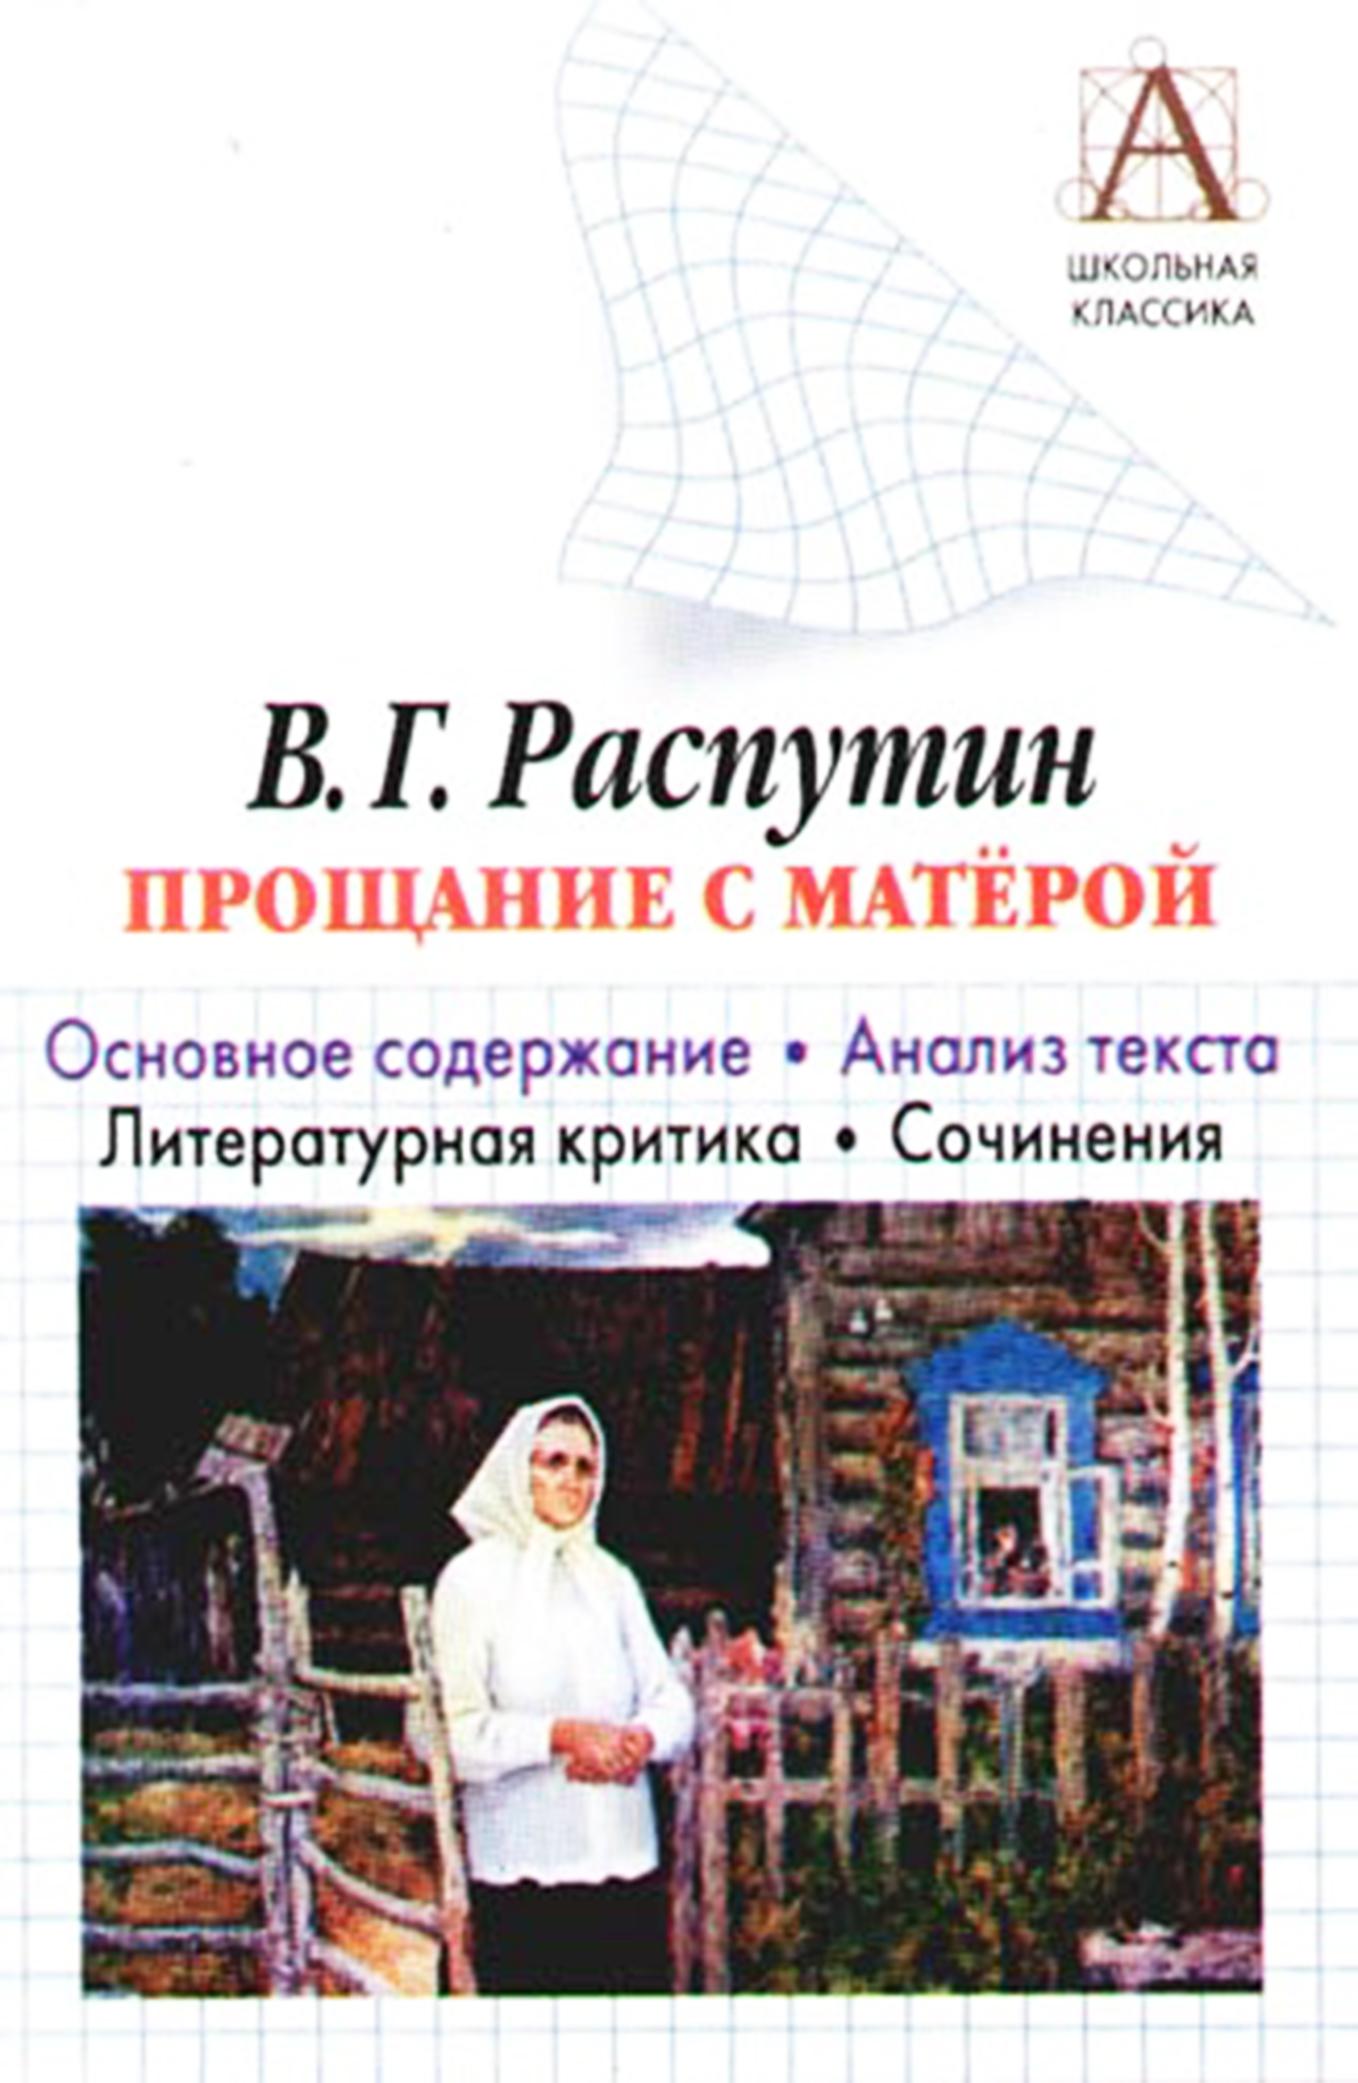 И. О. Родин В. Г. Распутин «Прощание с Матерой». Основное содержание. Анализ текста. Литературная критика. Сочинения распутин в г прощание с матёрой